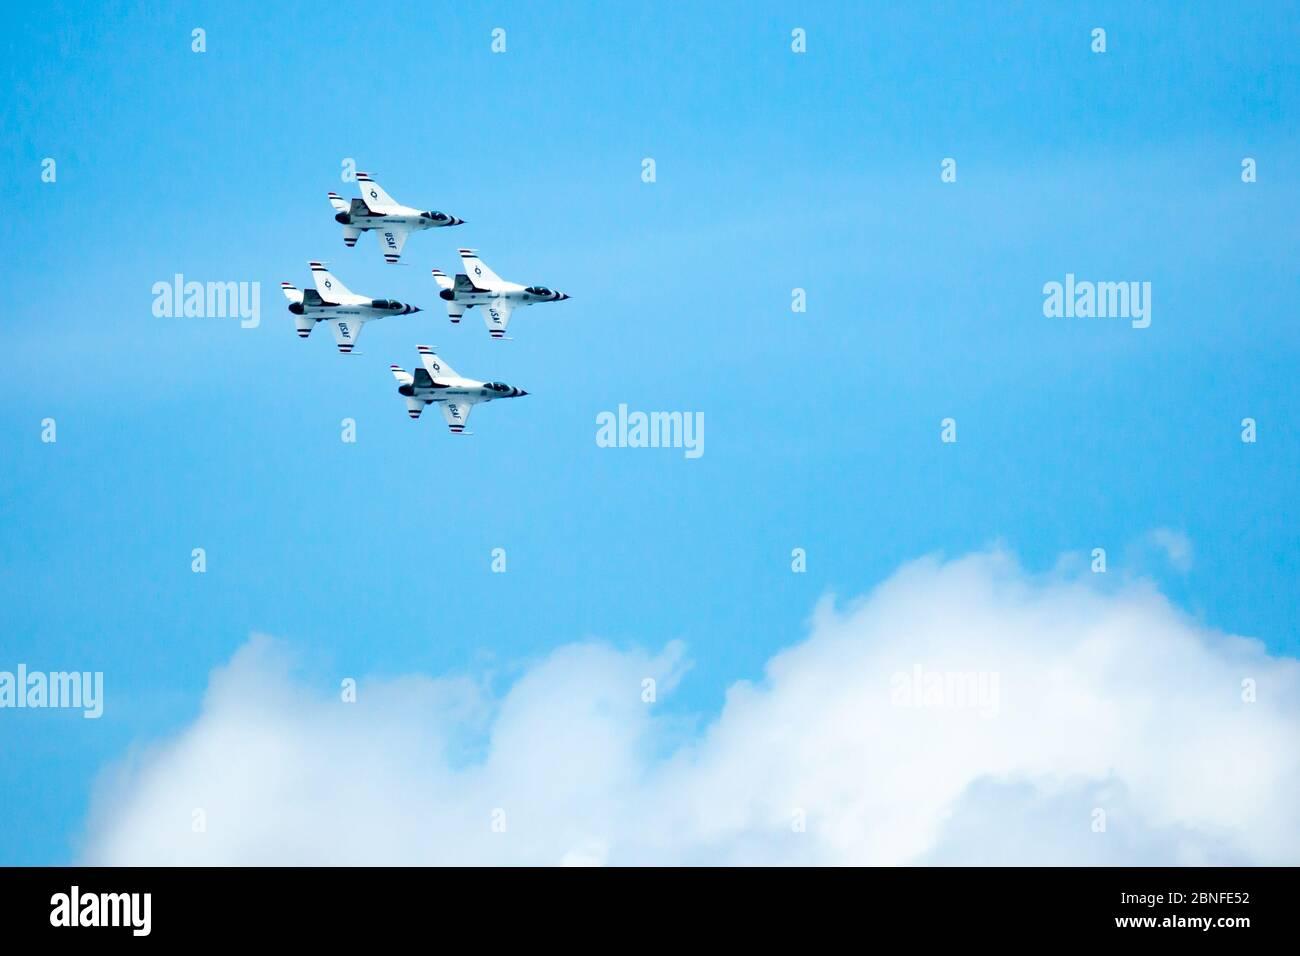 Sioux Falls, SD, USA 17. August 2019 Air Show mit der US Air Force F16C gegen Falcons, Thunderbirds in einem blauen Himmel mit Kopierraum Stockfoto